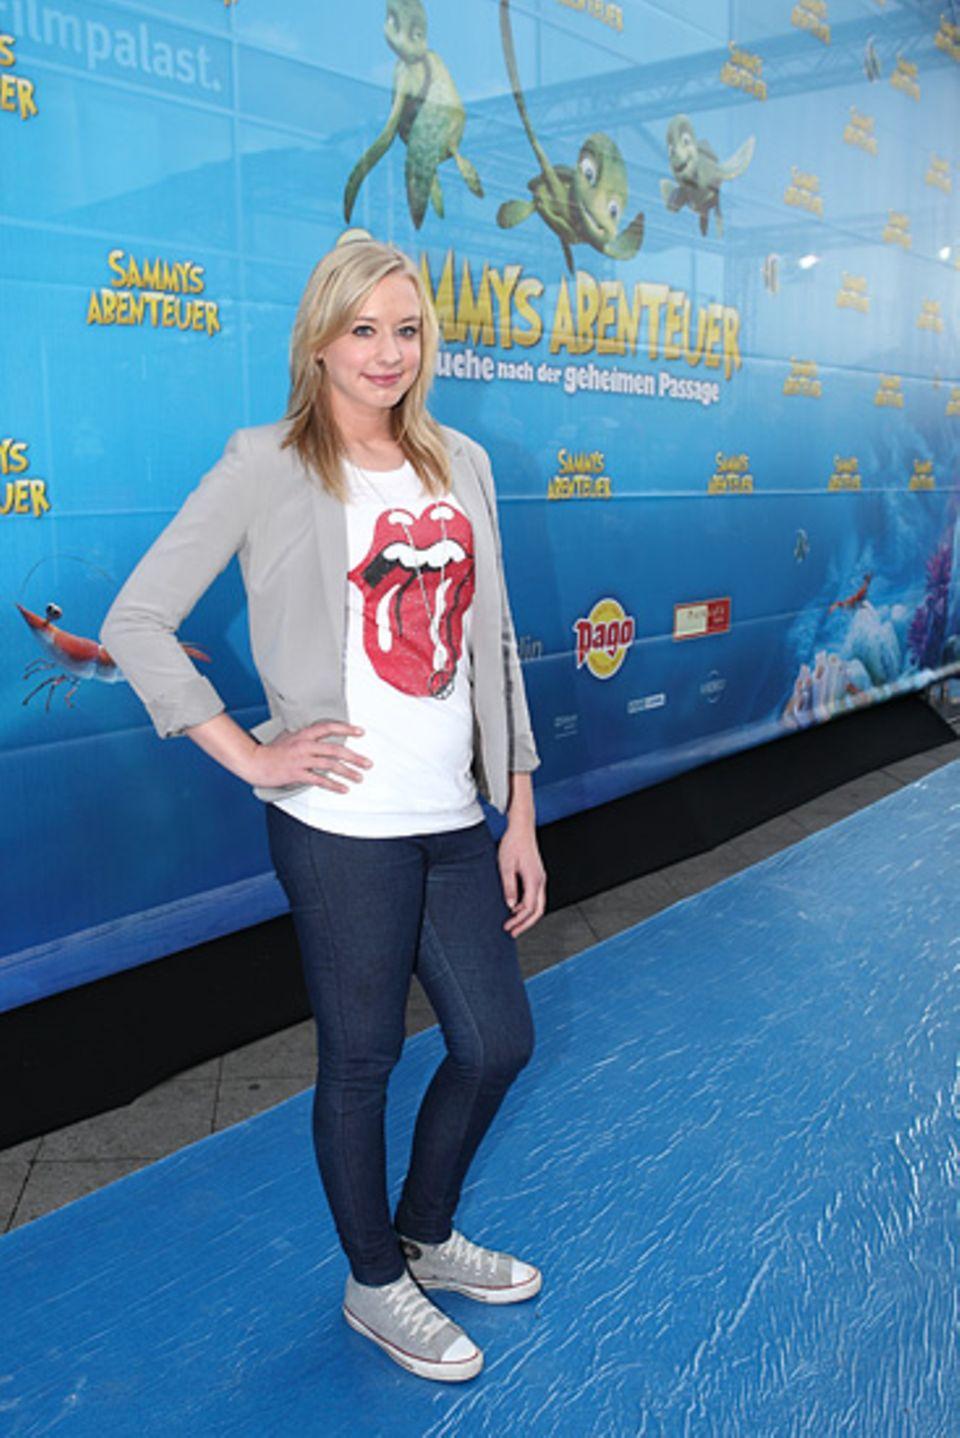 Kino: Beim Posing auf dem blauen Teppich vor der Premiere fand sich Interviewerin Tanja unvermittelt im Blitzlichtgewitter wieder. Die Fotografen nutzen sie als Modell, um die Lichtverhältnisse zu testen